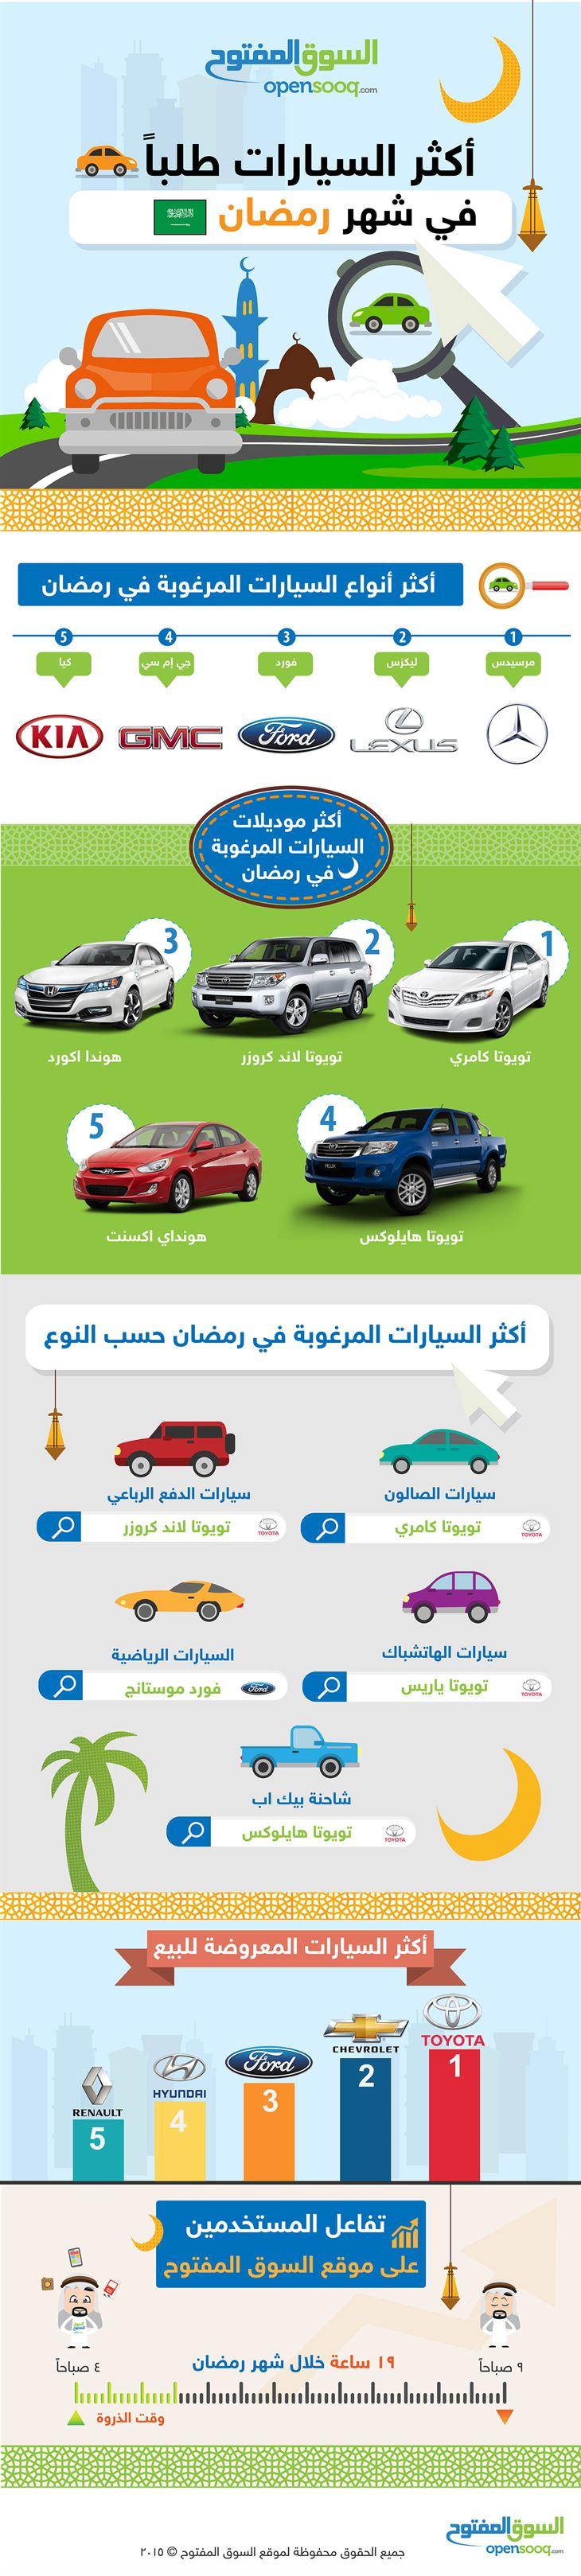 أكثر السيارات التي كانت مطلوبة في شهر رمضان